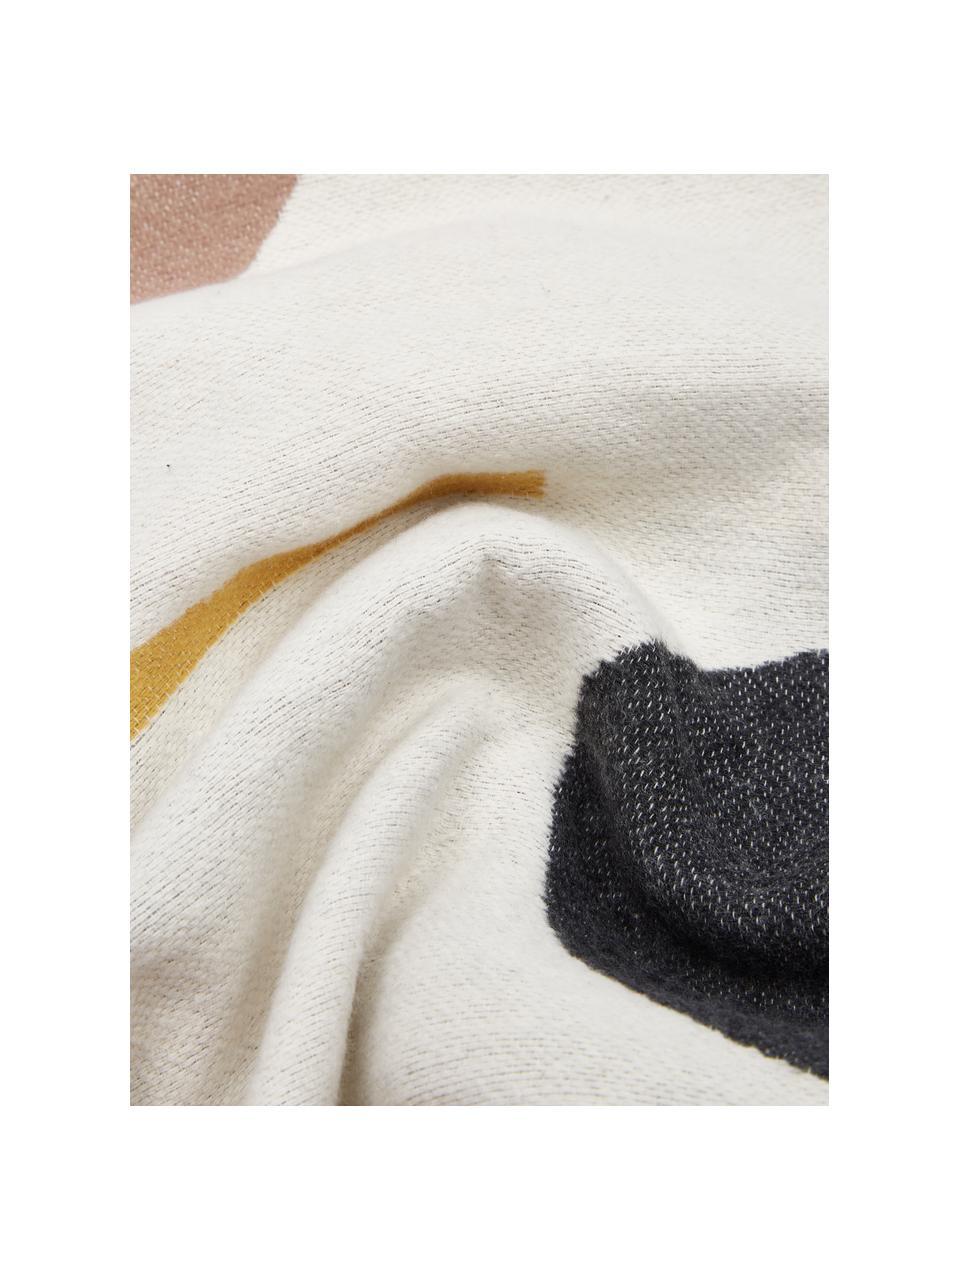 Housse de coussin rectangulaire Nova Abstract, Couleur crème, multicolore